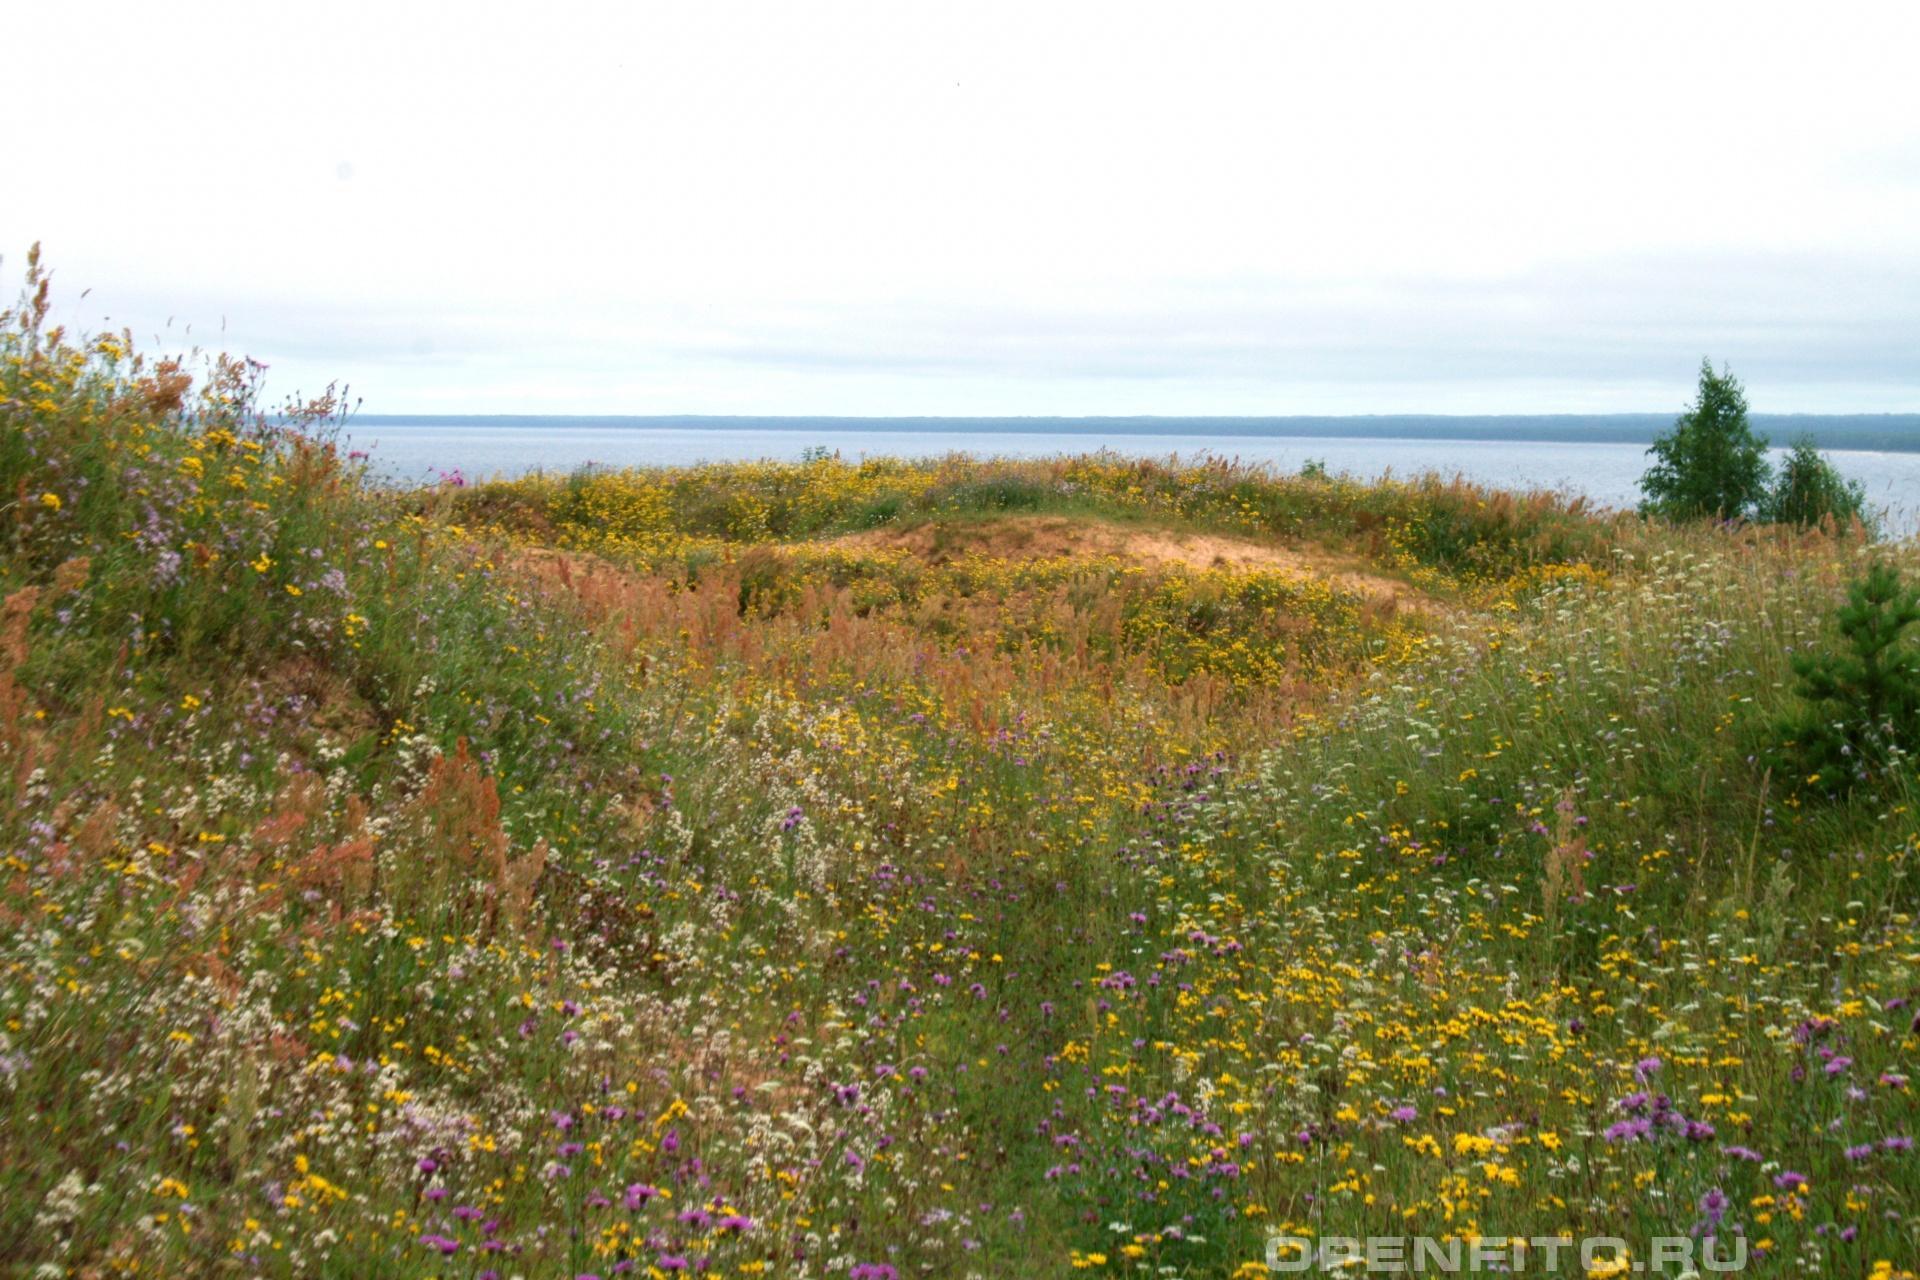 Северное поле Республика Карелия в августе